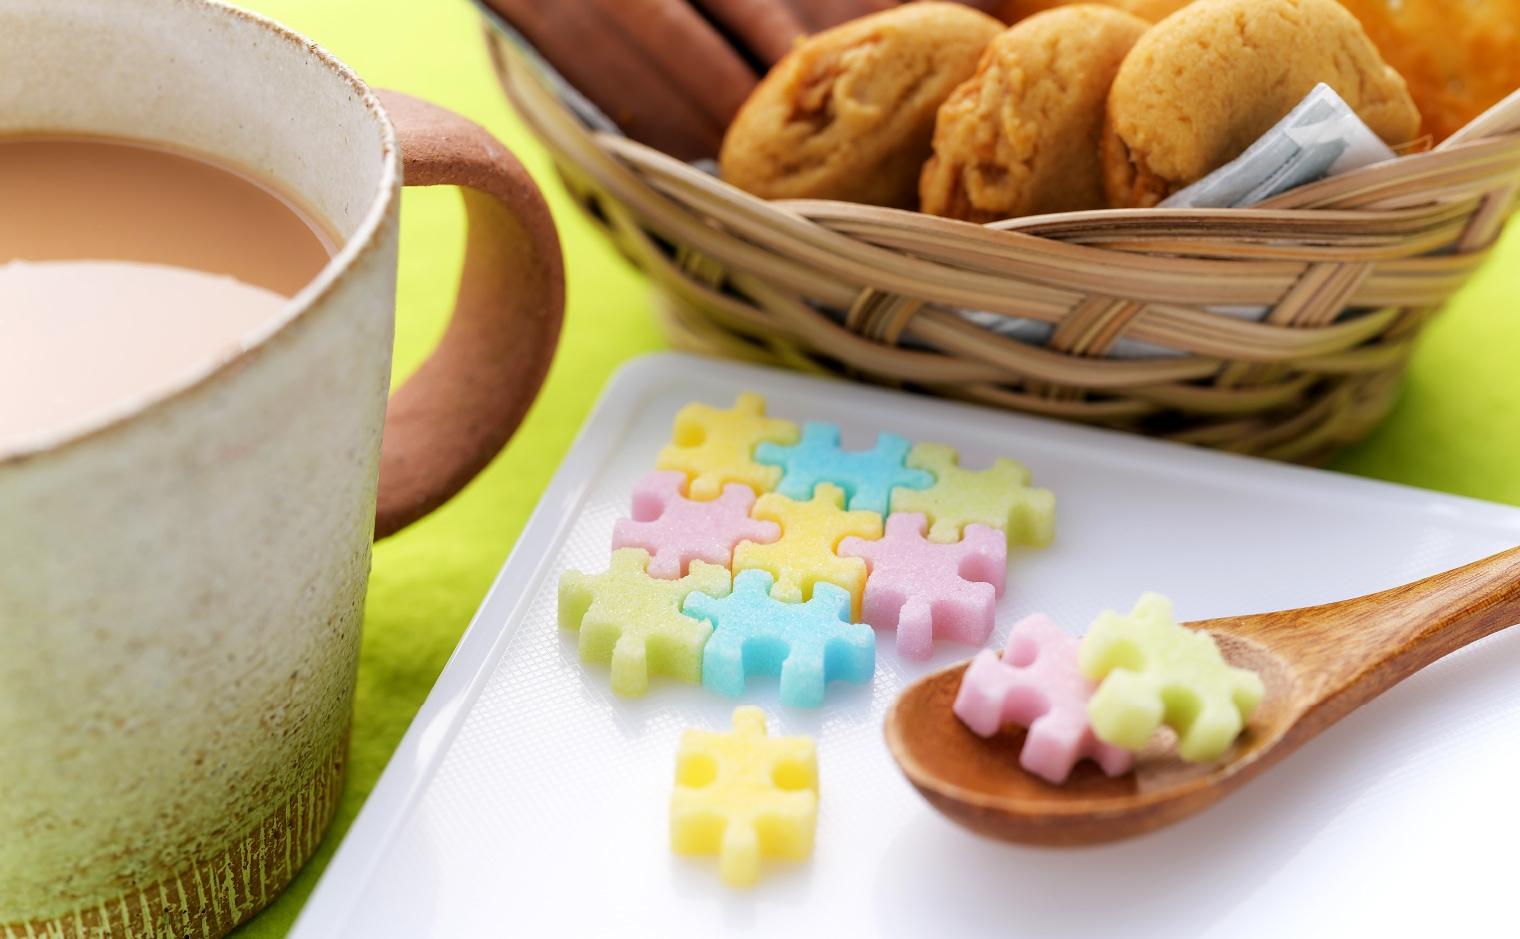 デザインシュガー,物語のある砂糖,かわいい,可愛い,角砂糖,ジグソーパズル